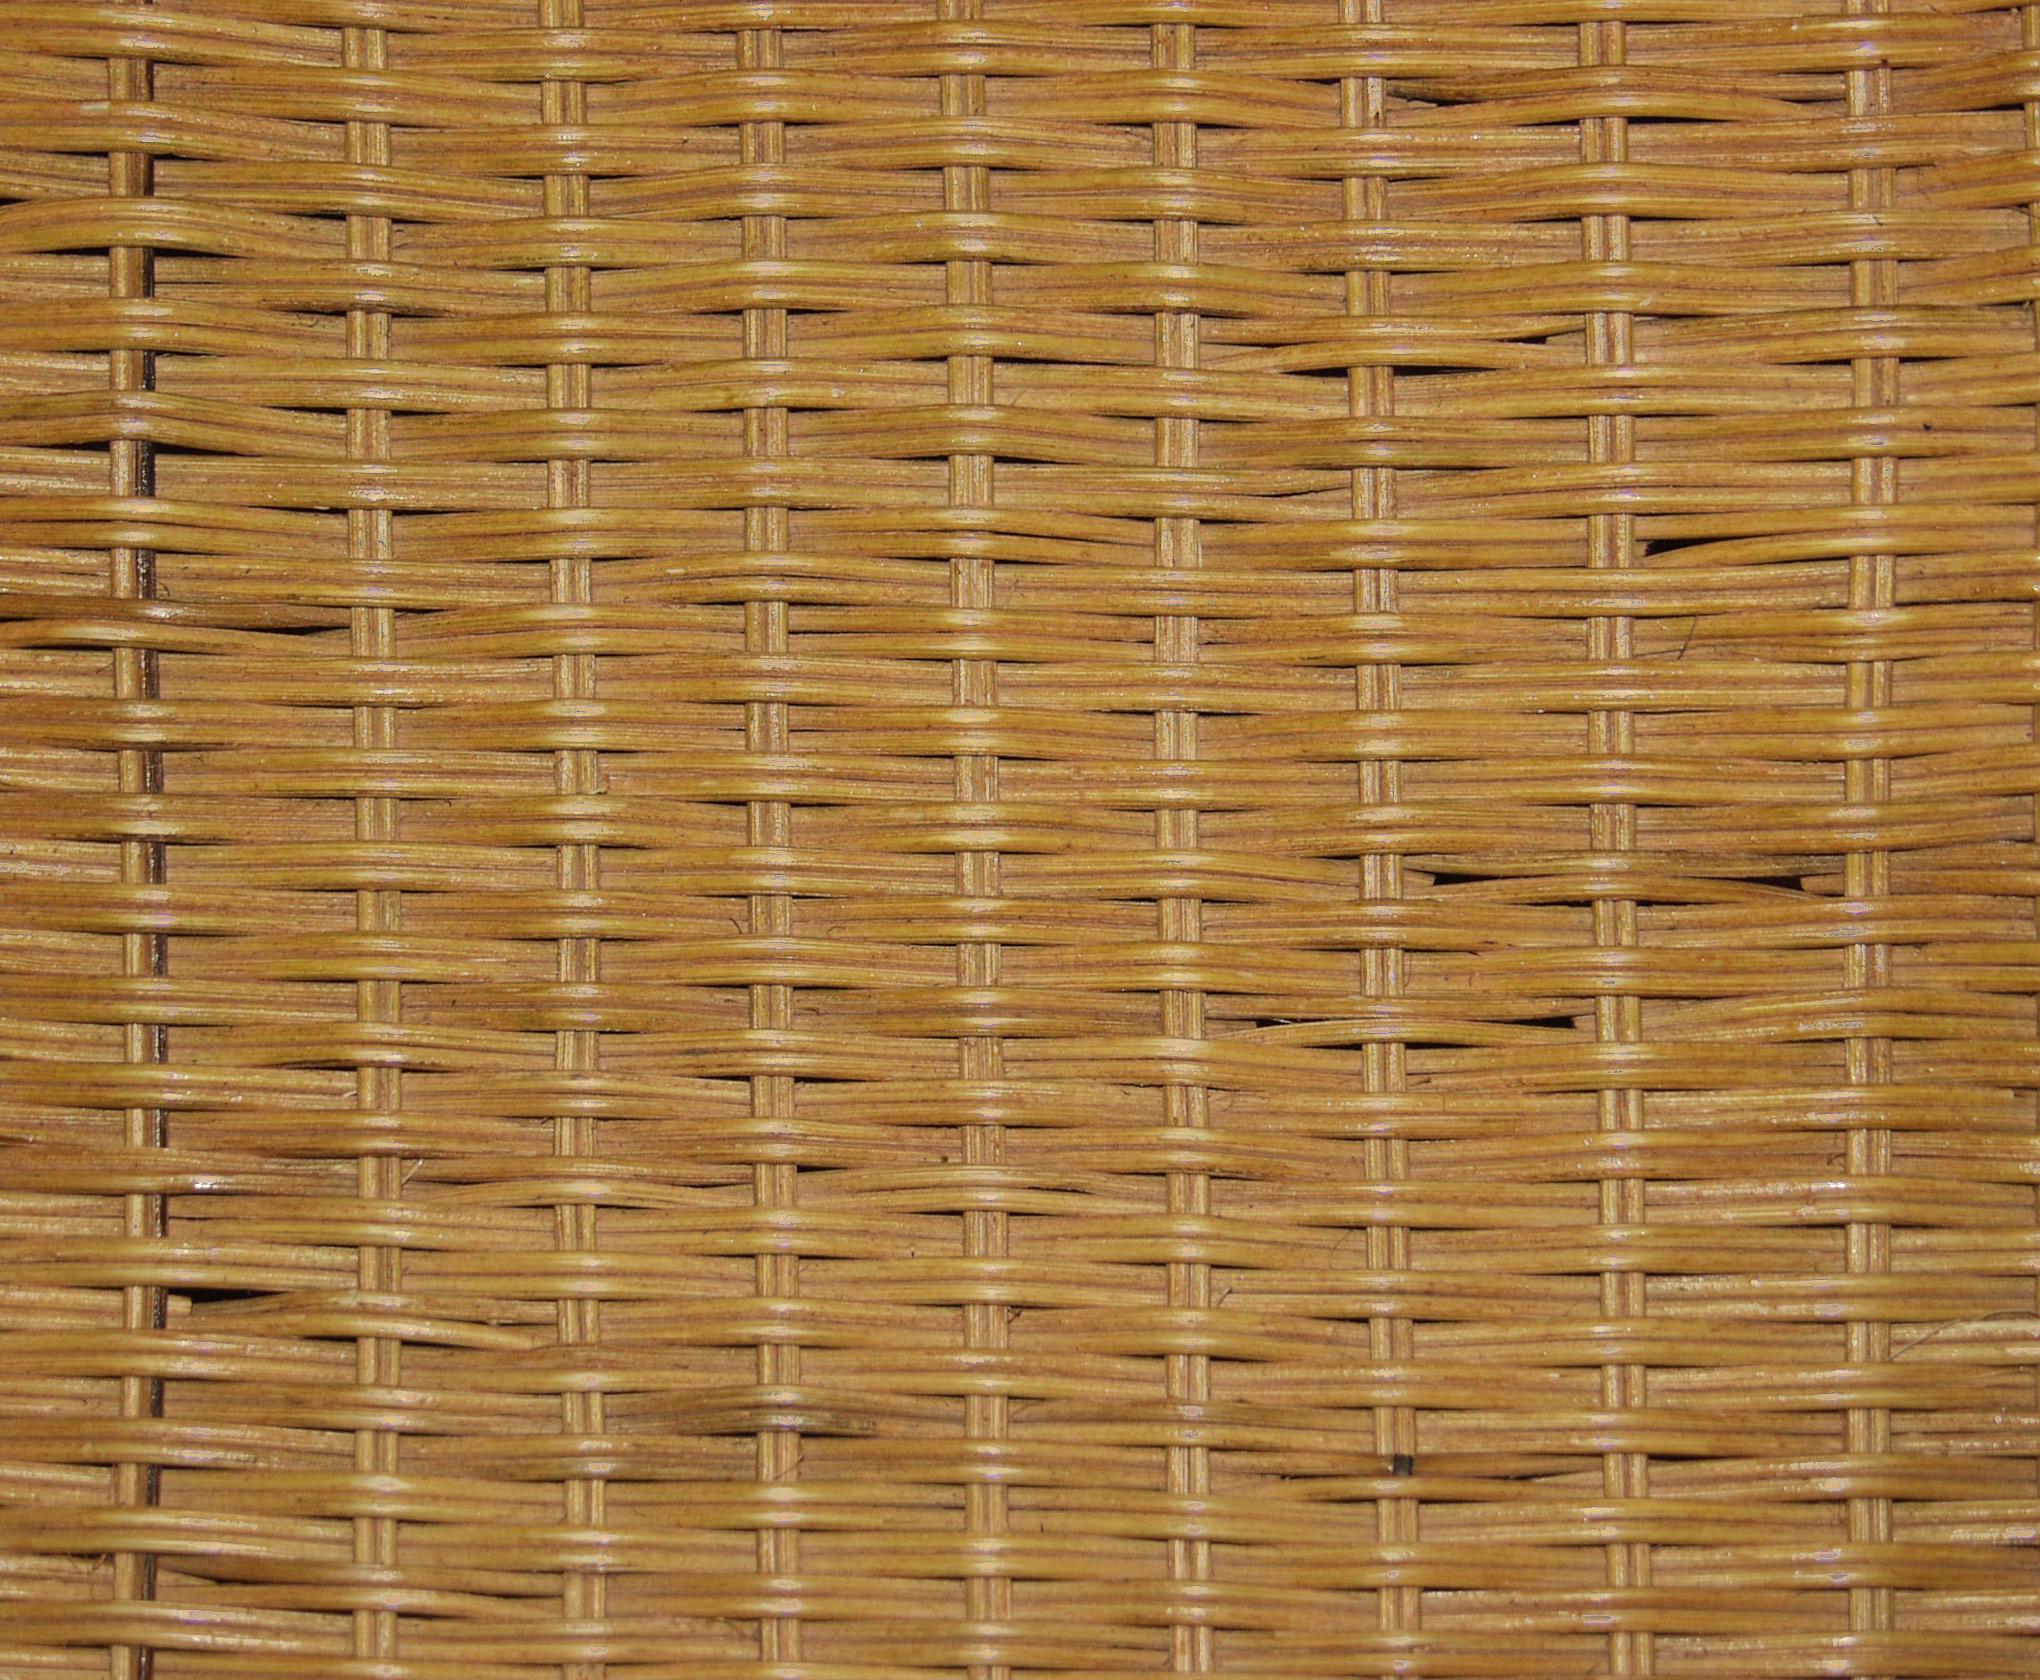 木材-编制品(8)高清贴图【ID:736915291】